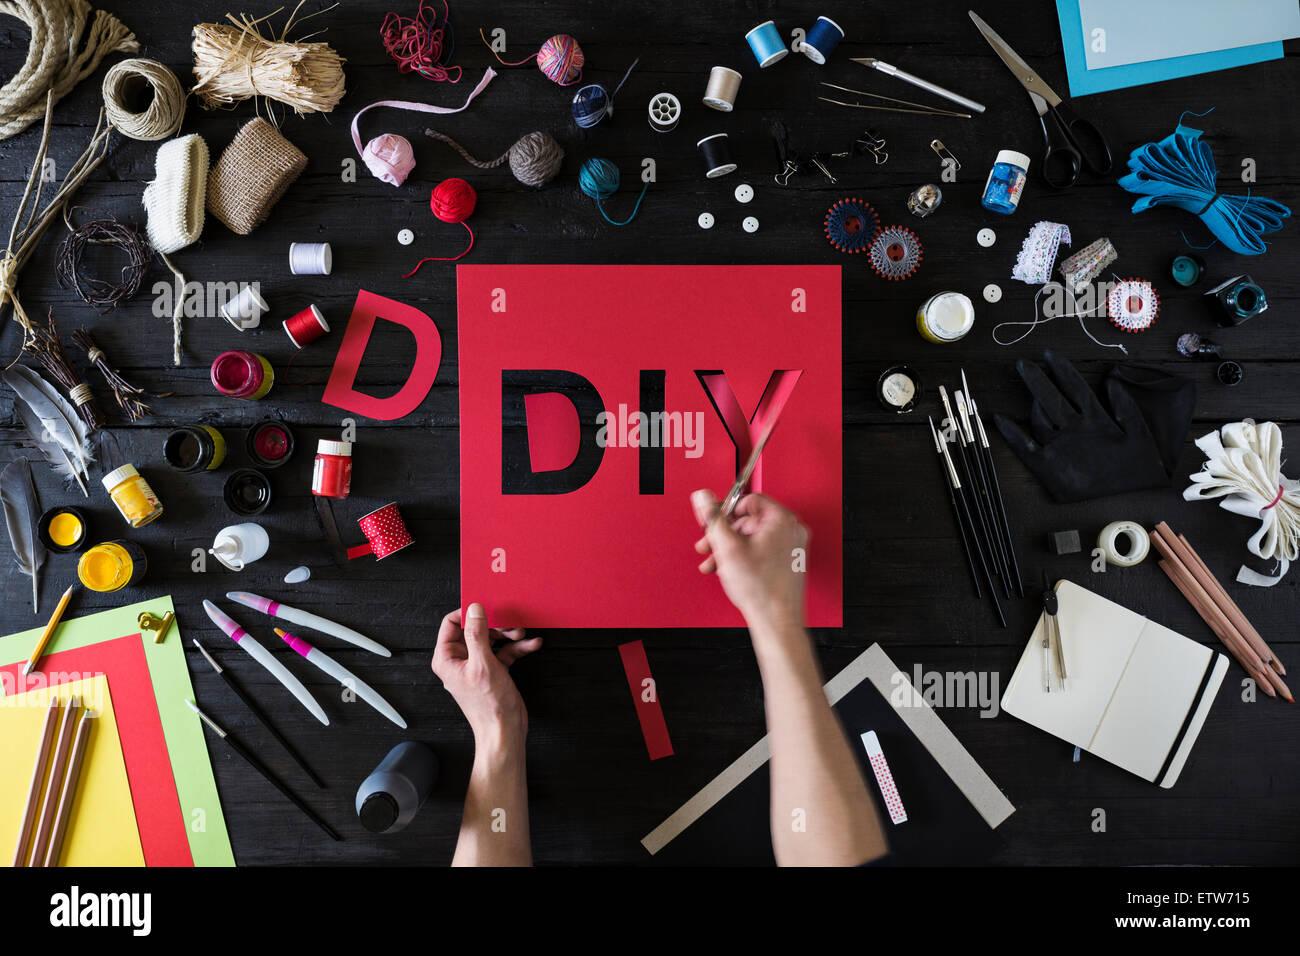 Les mains de l'homme coupe la parole de bricolage carton rouge Photo Stock